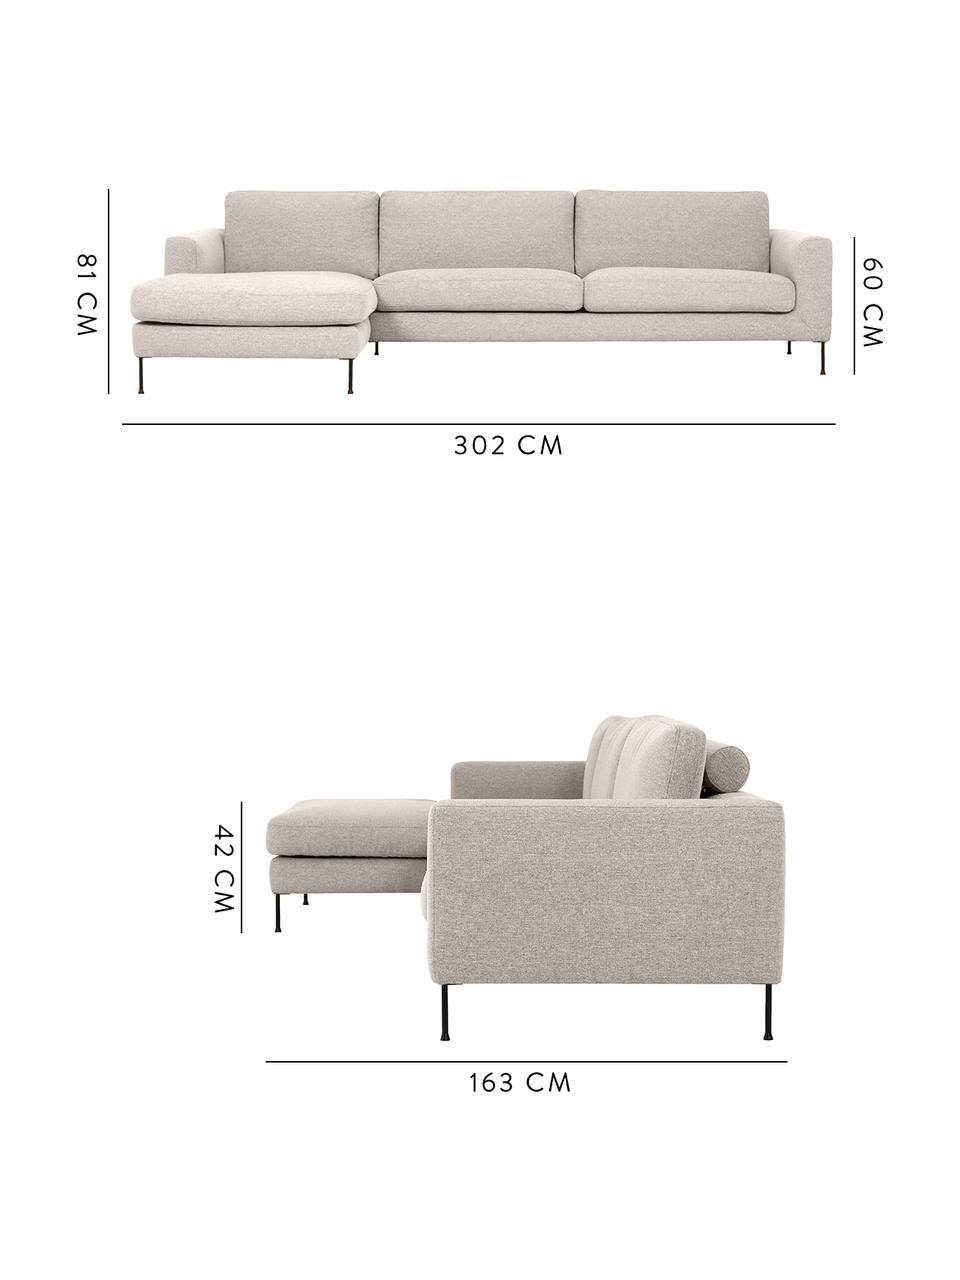 Sofa narożna z metalowymi nogami Cucita (4-osobowa), Tapicerka: aksamit (wysokiej jakości, Stelaż: lite drewno sosnowe, Nogi: metal malowany proszkowo, Beżowy, S 302 x G 163 cm